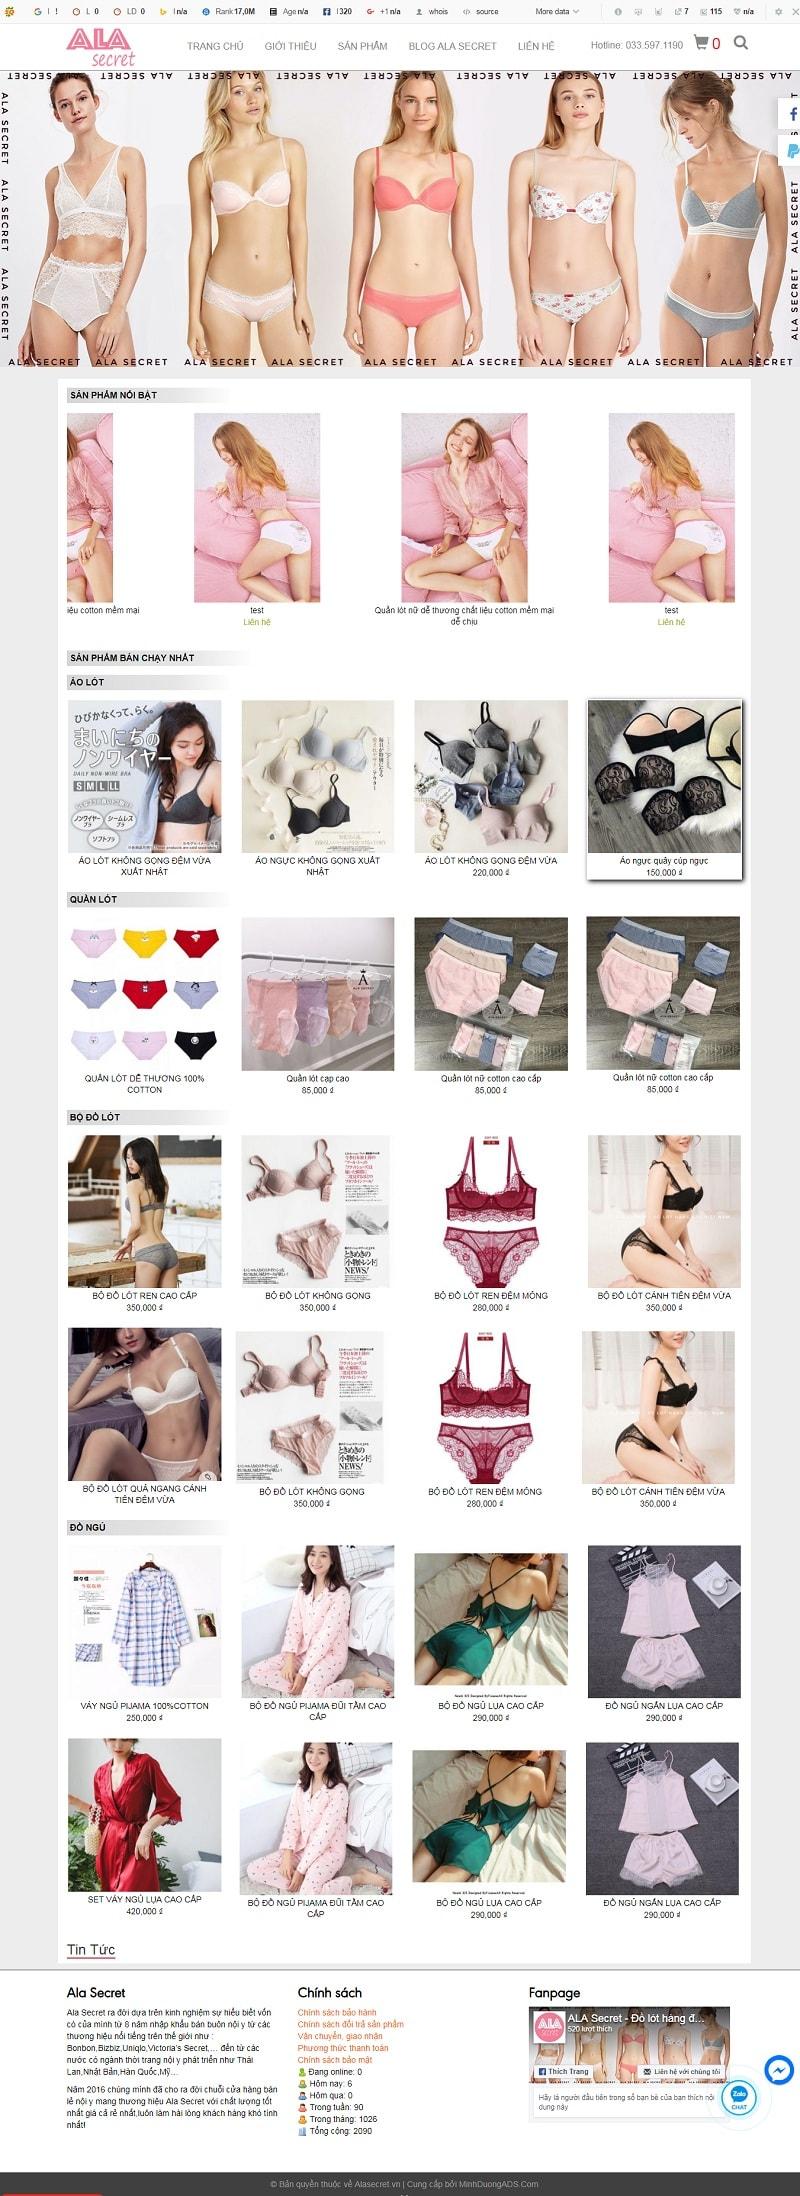 Thiết kế web đồ bikini Ala Secret